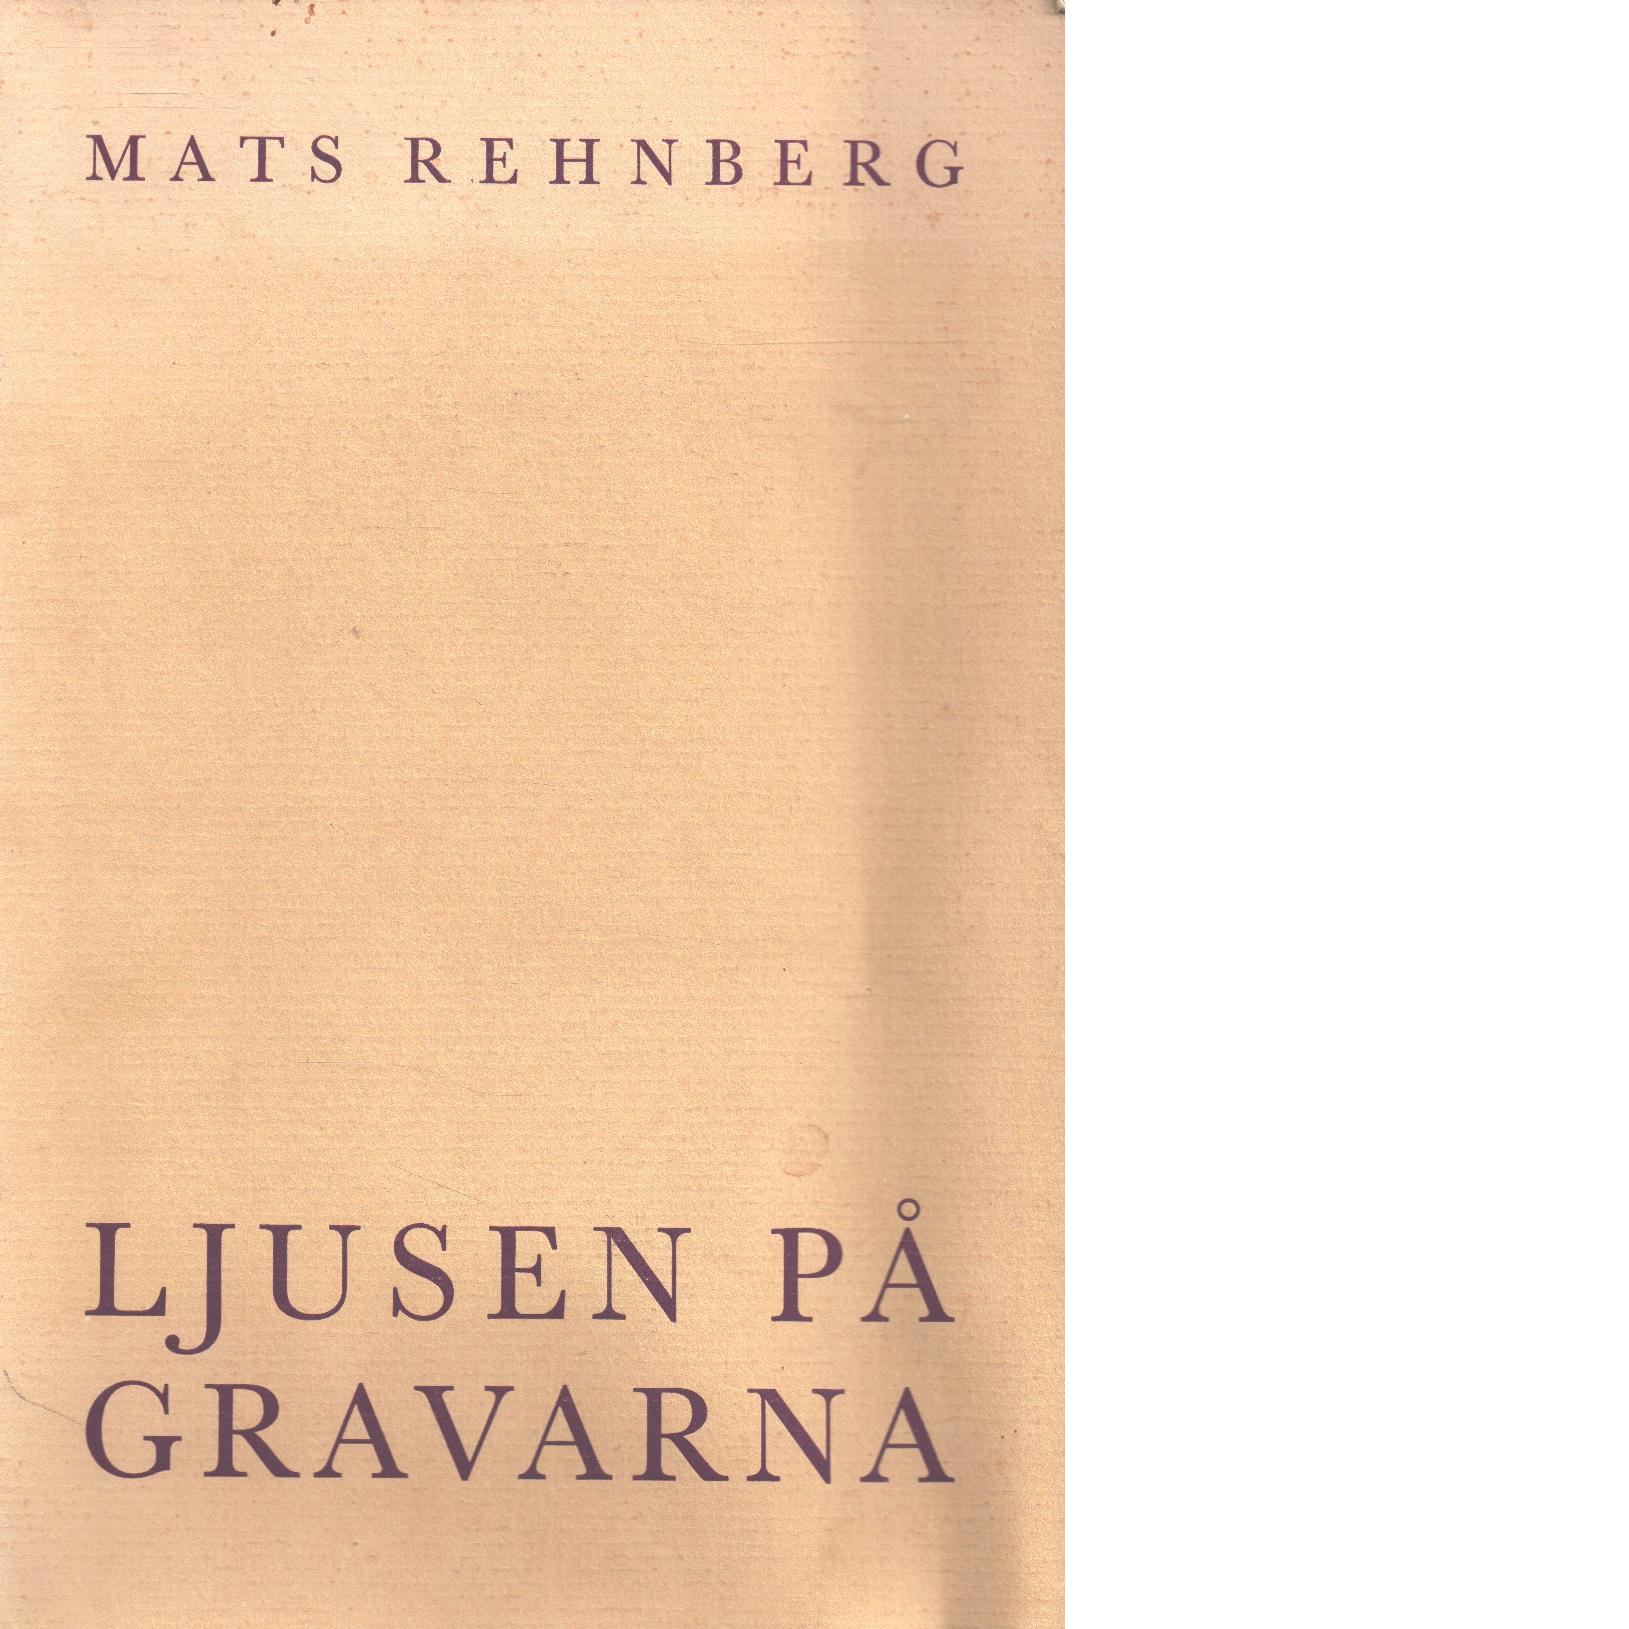 Ljusen på gravarna och andra ljusseder - Rehnberg, Mats